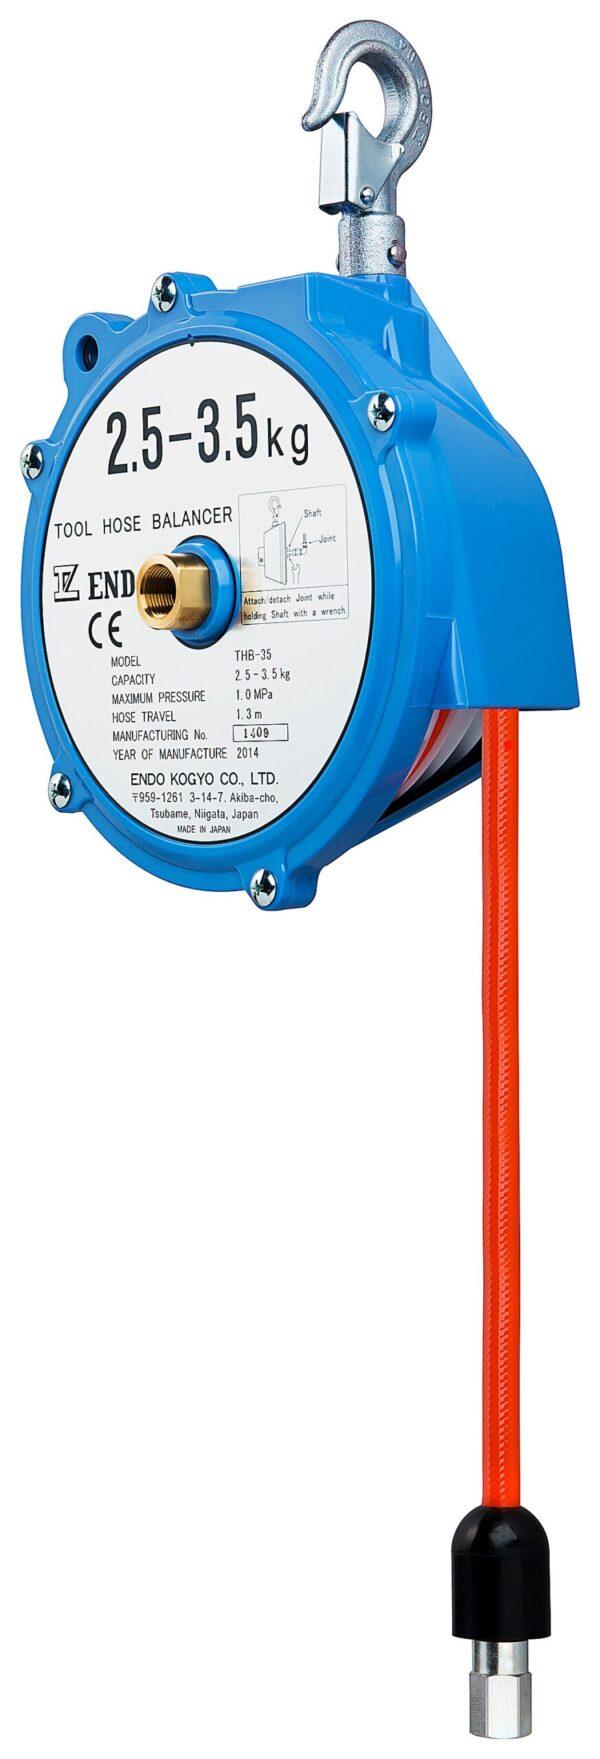 THB 35 right scaled Avvitatori per assemblaggio industriale I bilanciatori a molla della gamma Airtechnology / ENDO presentano diversi modelli ciascuno con specifiche peculiarità: SERIE EK – ERP – Capacità di bilanciamento e ritrazione leggera per carichi fino a 1,5 Kg per EK e fino a 2,0 Kg per ERP SERIE ATB-THB – Capacità di bilanciamento e ritrazione con alimentazione diretta avvitatori pneumatici di peso sino a 6,5 Kg SERIE EW - EWS – Capacità di bilanciamento e ritrazione per carichi sino a 7 Kg SERIE EWF - Capacità di bilanciamento e ritrazione per carichi sino a 120 Kg SERIE A – Capacità di bilanciamento e ritrazione da 70 fino a 120 Kg con sistema di riavvolgimento e ritrazione frizionato per un riavvolgimento rallentato e gancio di appensione prolungato SERIE B – Capacità di bilanciamento e ritrazione sino a 7 Kg con sistema di riavvolgimento e ritrazione frizionato per un riavvolgimento rallentato SERIE C Green Generation - Bilanciatori in acciaio zincato non verniciato capacità di sollevamento e ritrazione siano a 120 Kg SERIE X Green Generation - Bilanciatori in acciaio zincato non verniciato capacità di sollevamento e ritrazione siano a 120 Kg SERIE Y Green Generation - Bilanciatori in acciaio INOX capacità di sollevamento e ritrazione siano a 120 Kg ideali PER APPLICAZIONI IN AMBITI ALIMENTARI SERIE ELF - Capacità di bilanciamento e ritrazione sino a 70 Kg ma con corsa di avvolgimento lunga SERIE EWA - Capacità di bilanciamento e ritrazione sino a 70 Kg ma con sistema di sicurezza anti riavvolgimento improvviso del cavo (snap-back) in caso di perdita del carico o di rottura del cavo di apprensione carico SERIE ETP - Capacità di bilanciamento e ritrazione per carichi da 120 Kg sino a 200 Kg